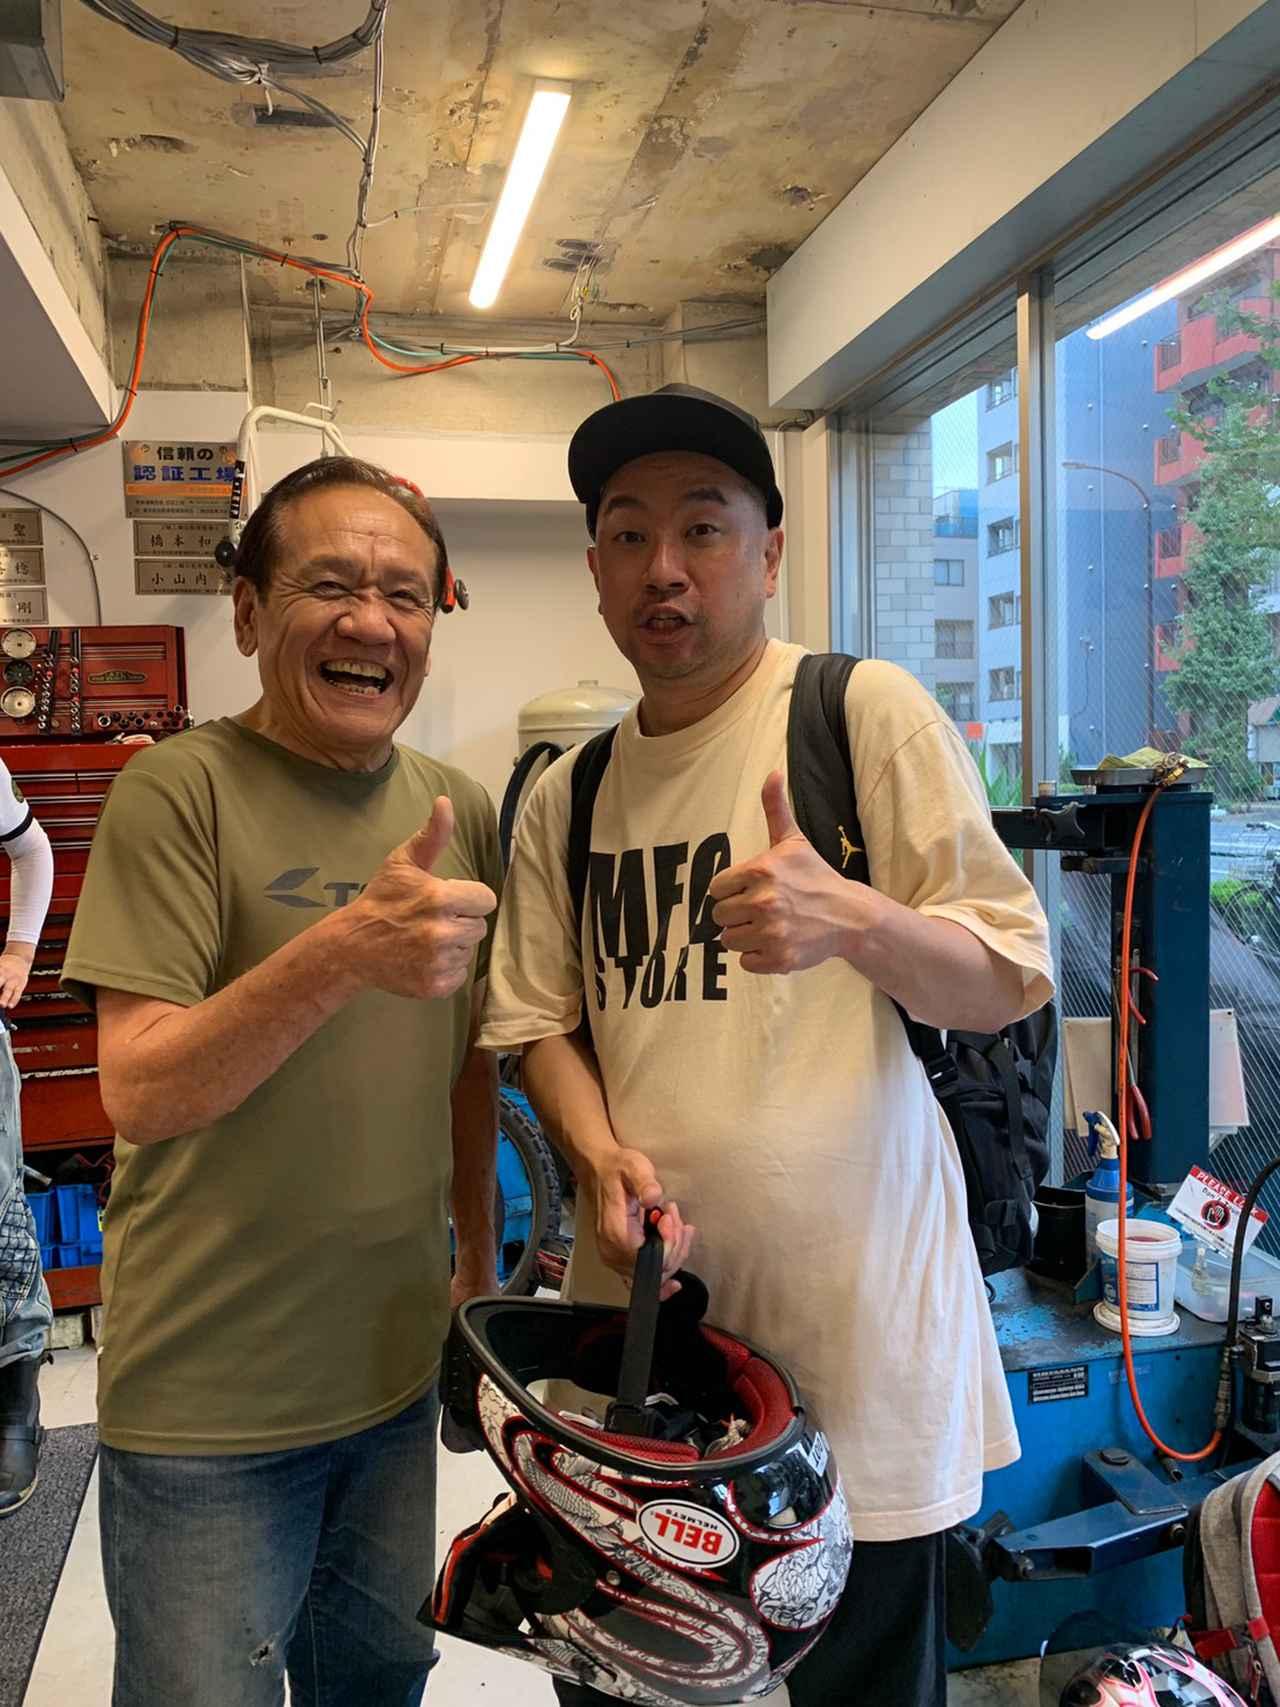 Images : 11番目の画像 - 「ハンターカブだよ! あたしも、カブ主になりました。(福山理子)」のアルバム - webオートバイ